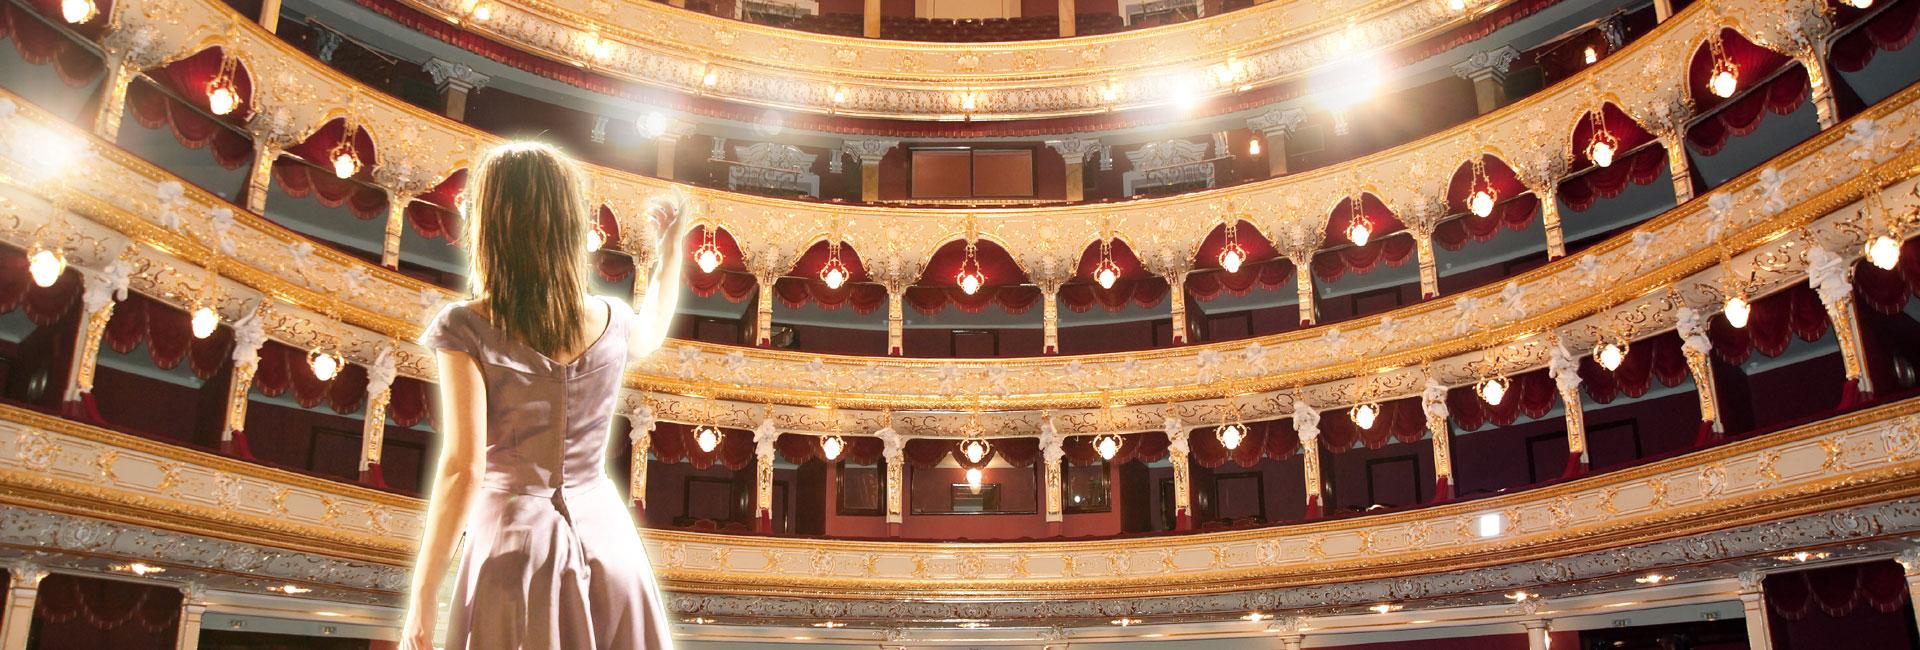 מהאופרה למחזמר